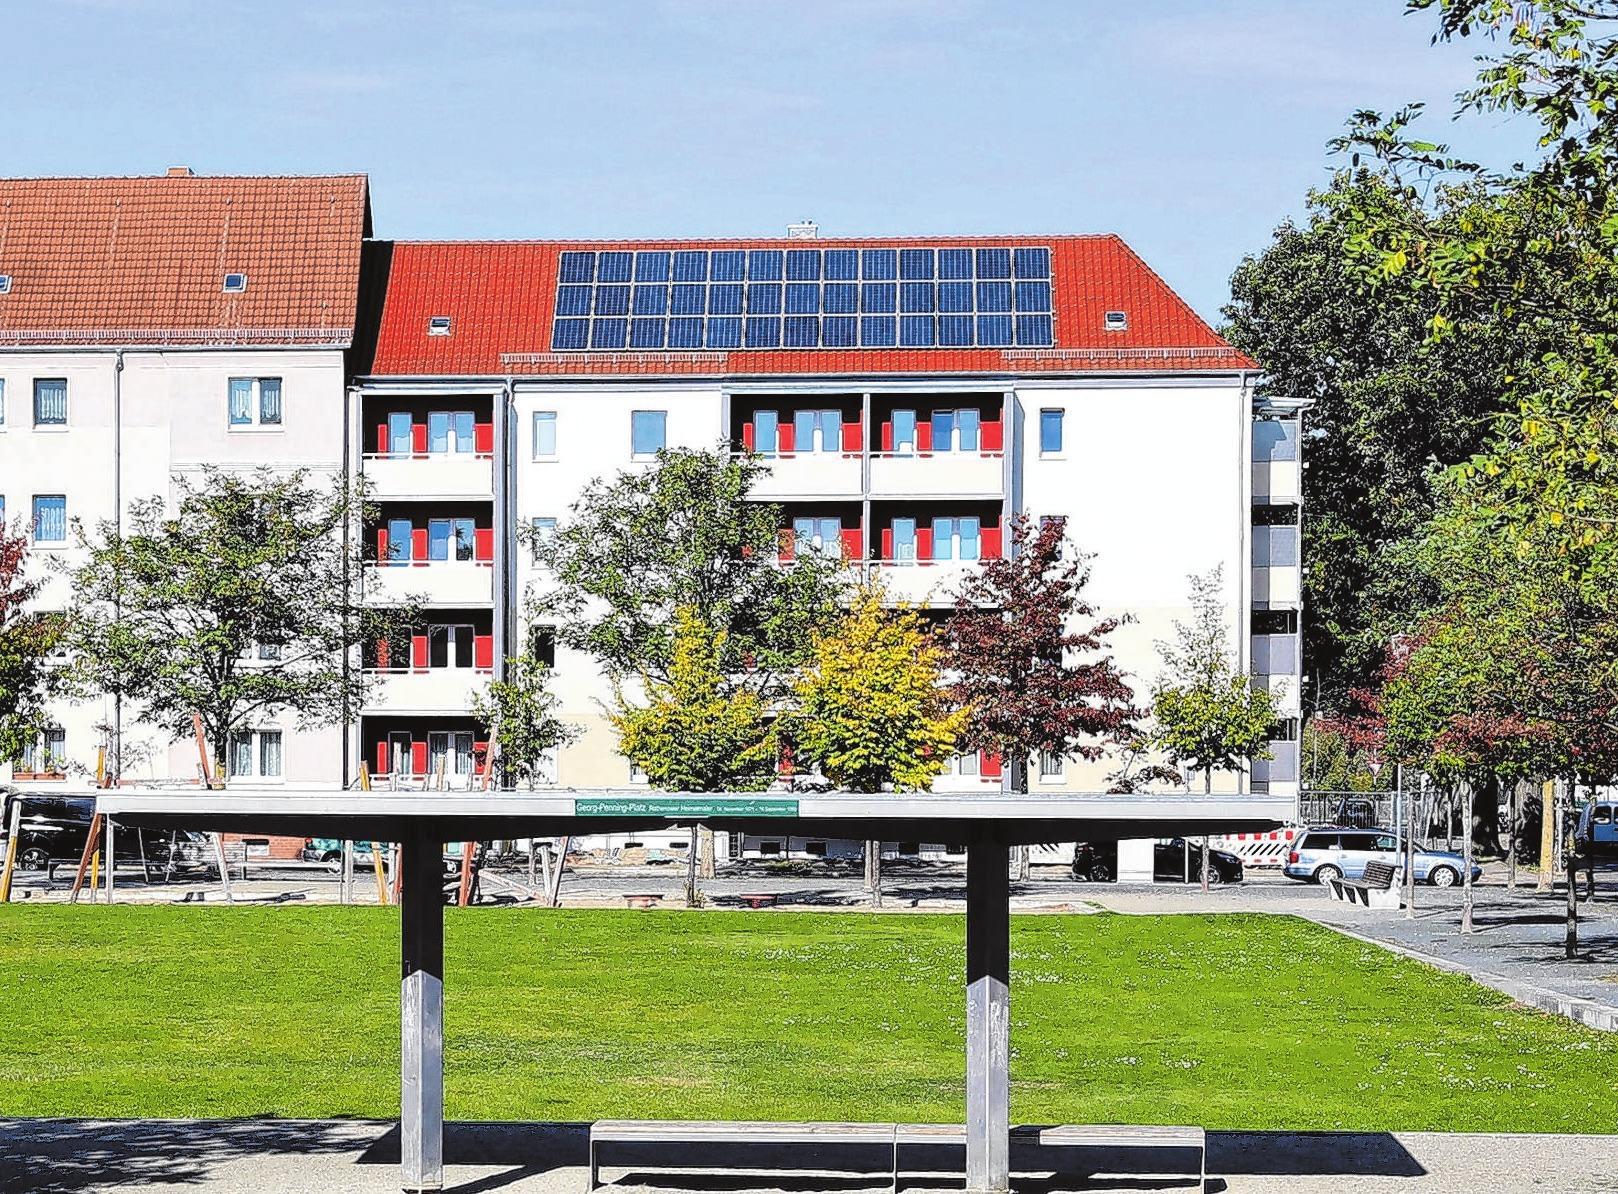 Die Kommunale Wohnungsbaugesellschaft Rathenow (KWR) sanierte die Potsdamer Straße 7/8. Foto: Archiv/Weber